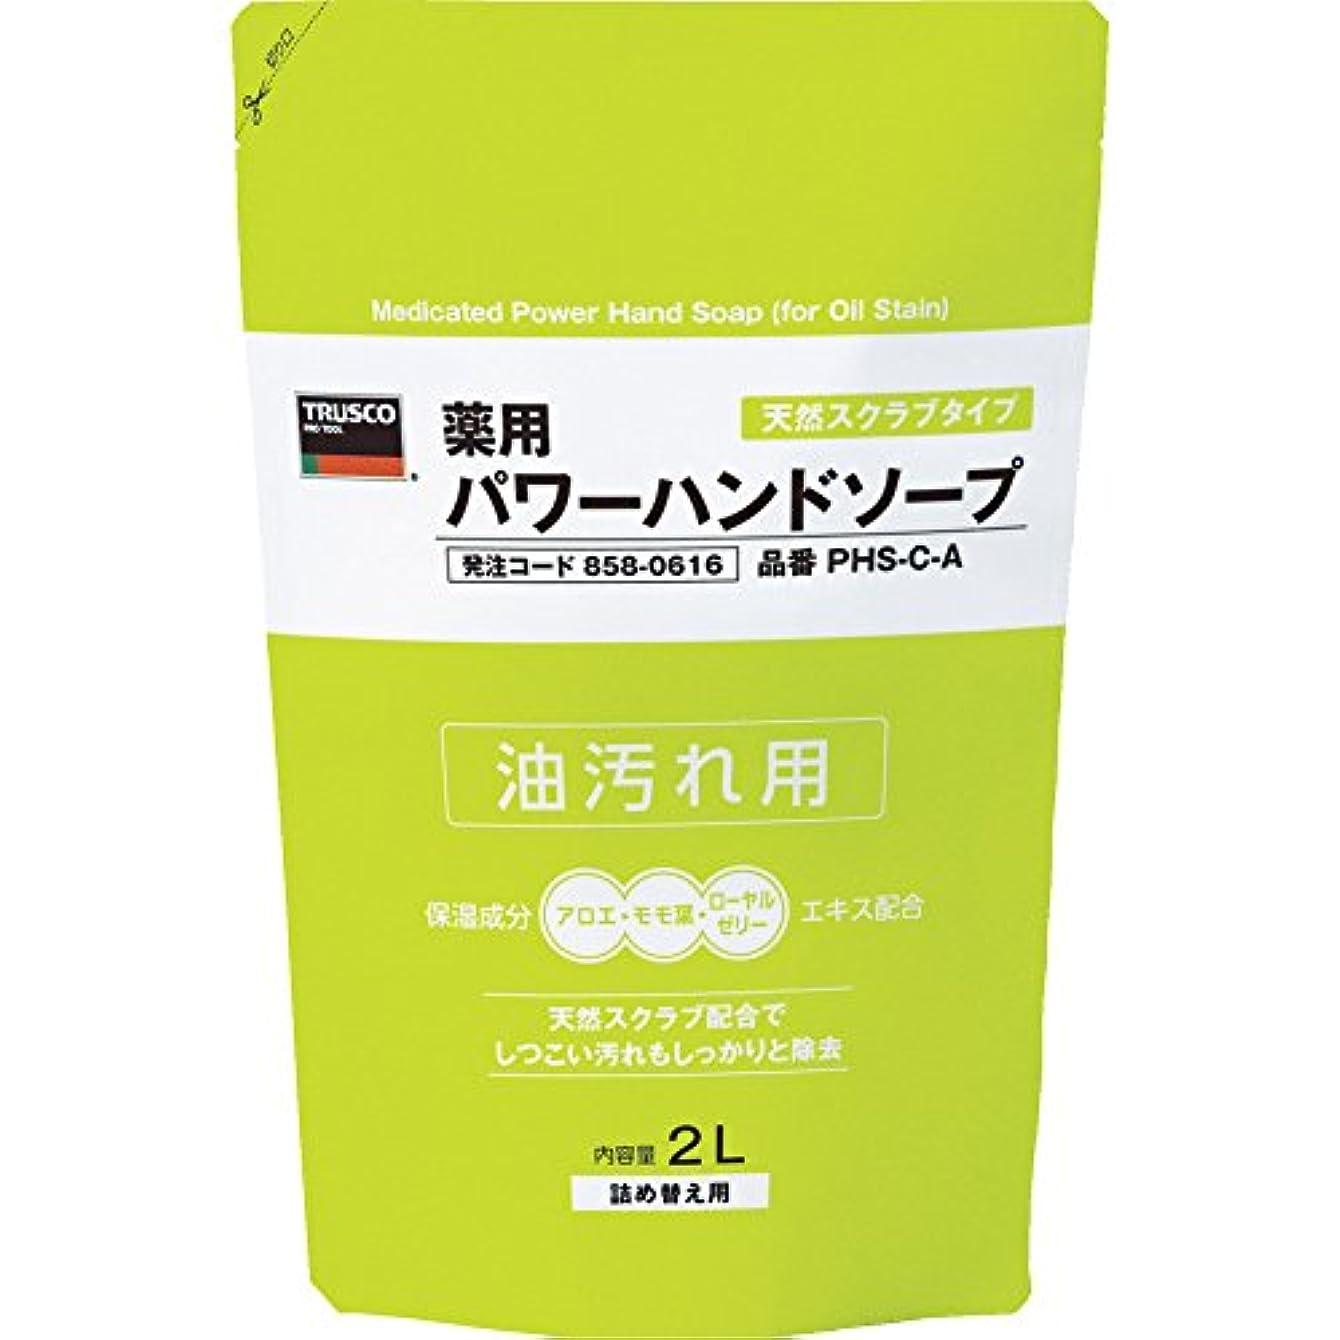 審判散髪愛情TRUSCO(トラスコ) 薬用パワーハンドソープ 詰替パック 2.0L PHS-C-A